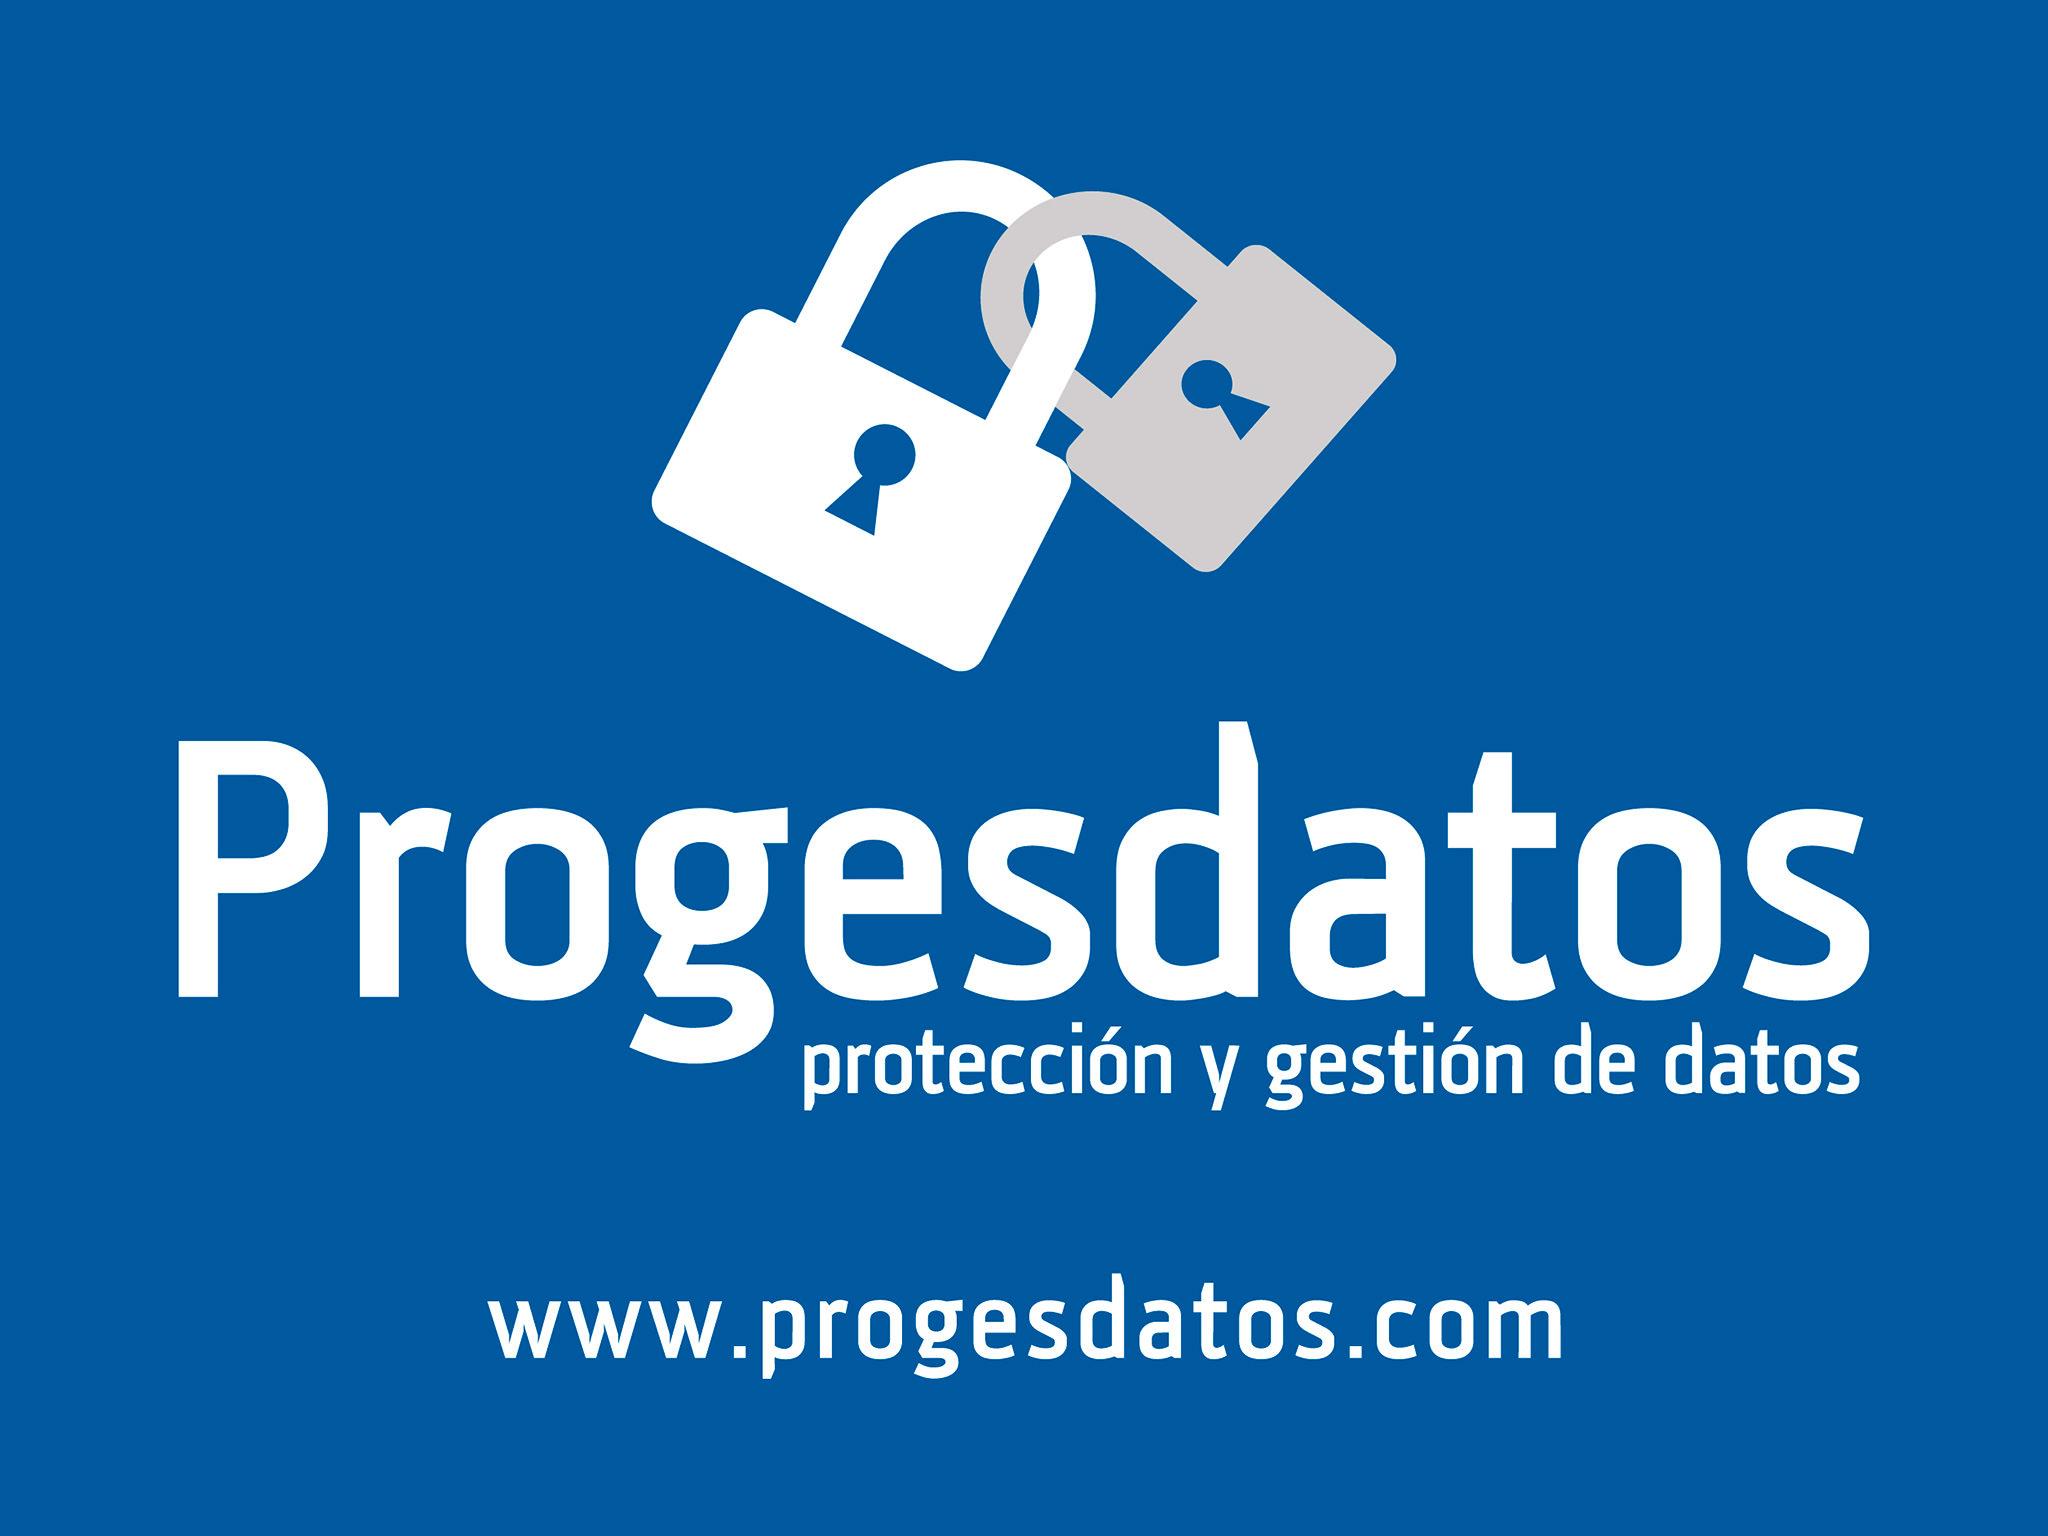 14_progesdatos_logo